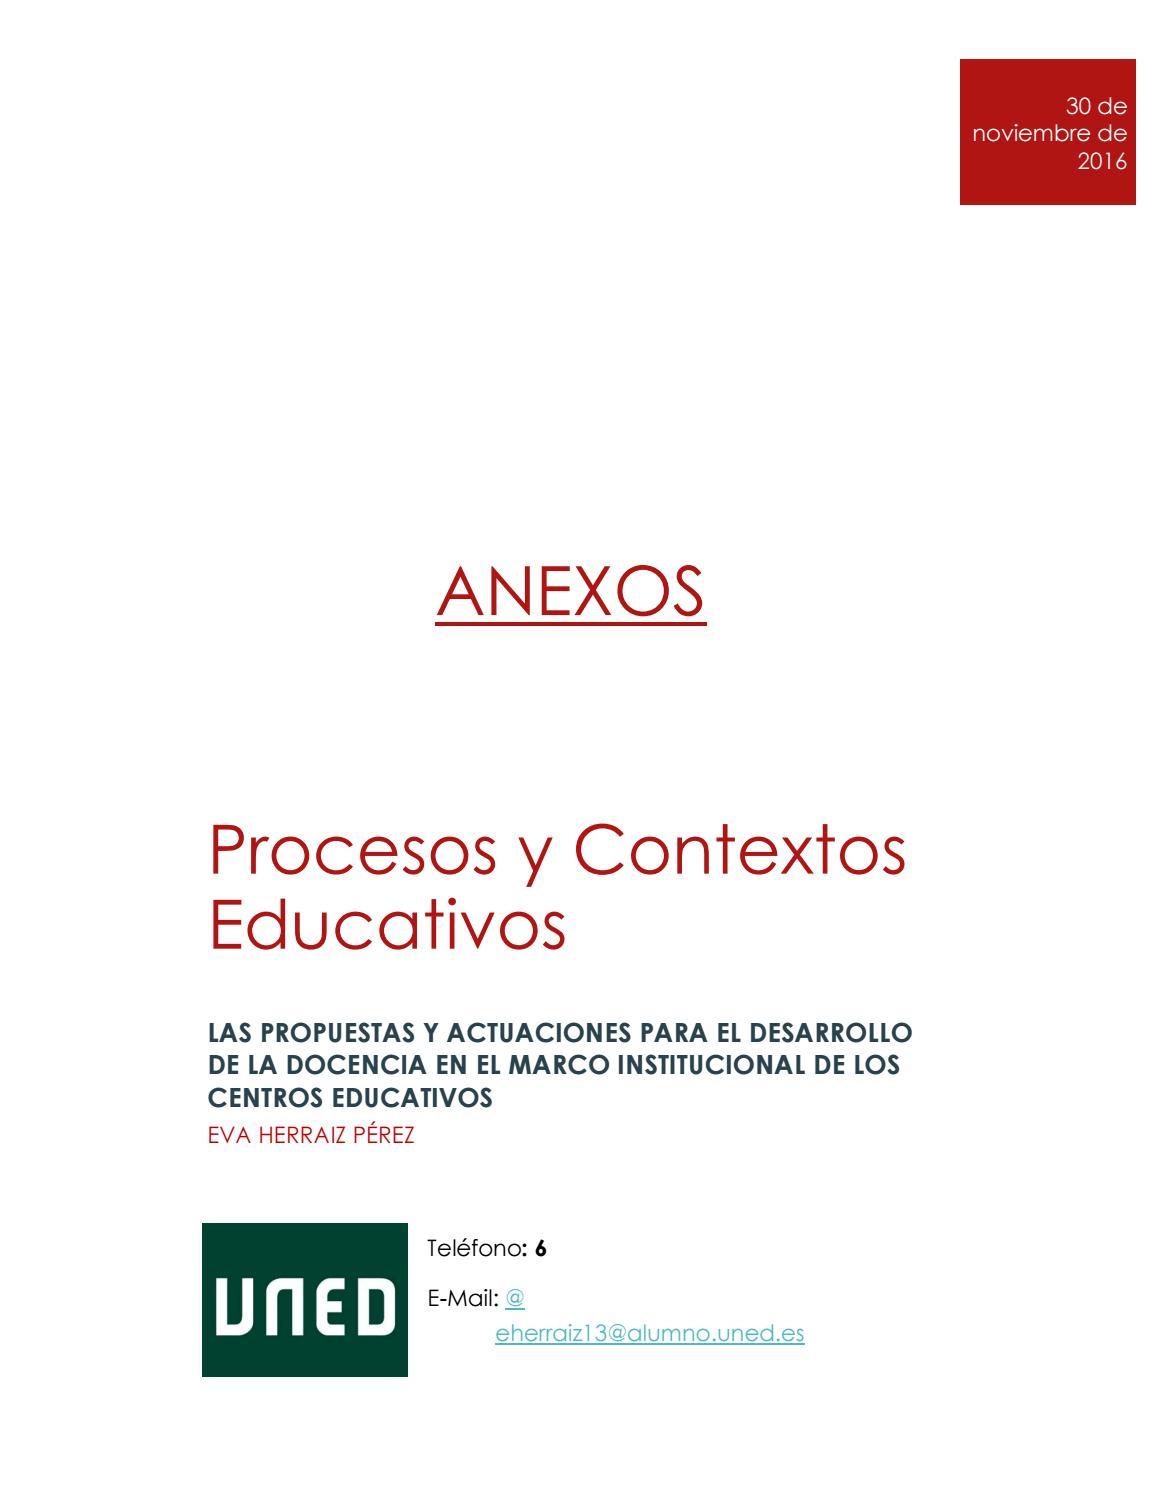 Anexos Pec Eva Herraiz Procesos Y Contextos Educativos By